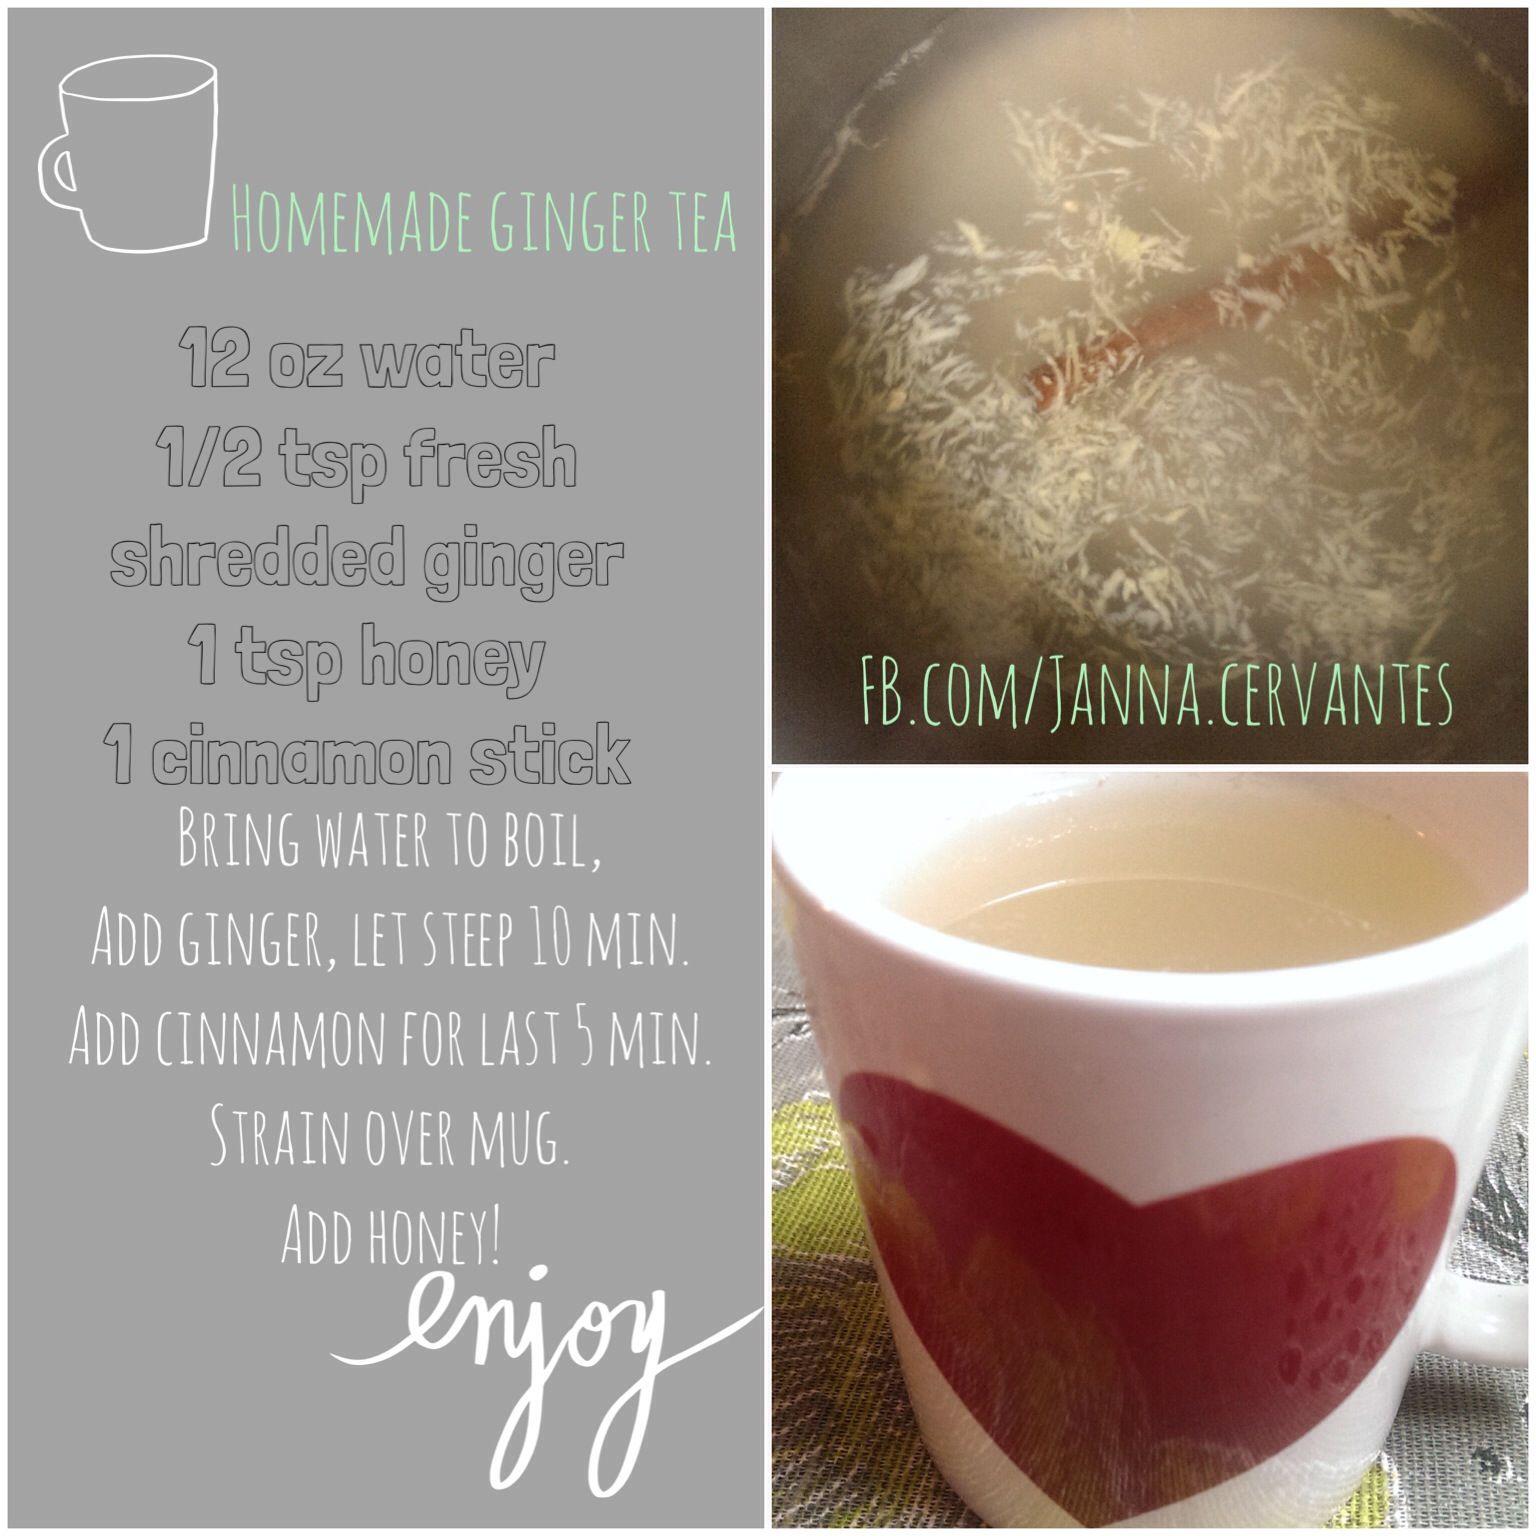 Homemade Ginger Tea #healingtea #digestion #indigestion #gingertea #ginger #foodasmedicine